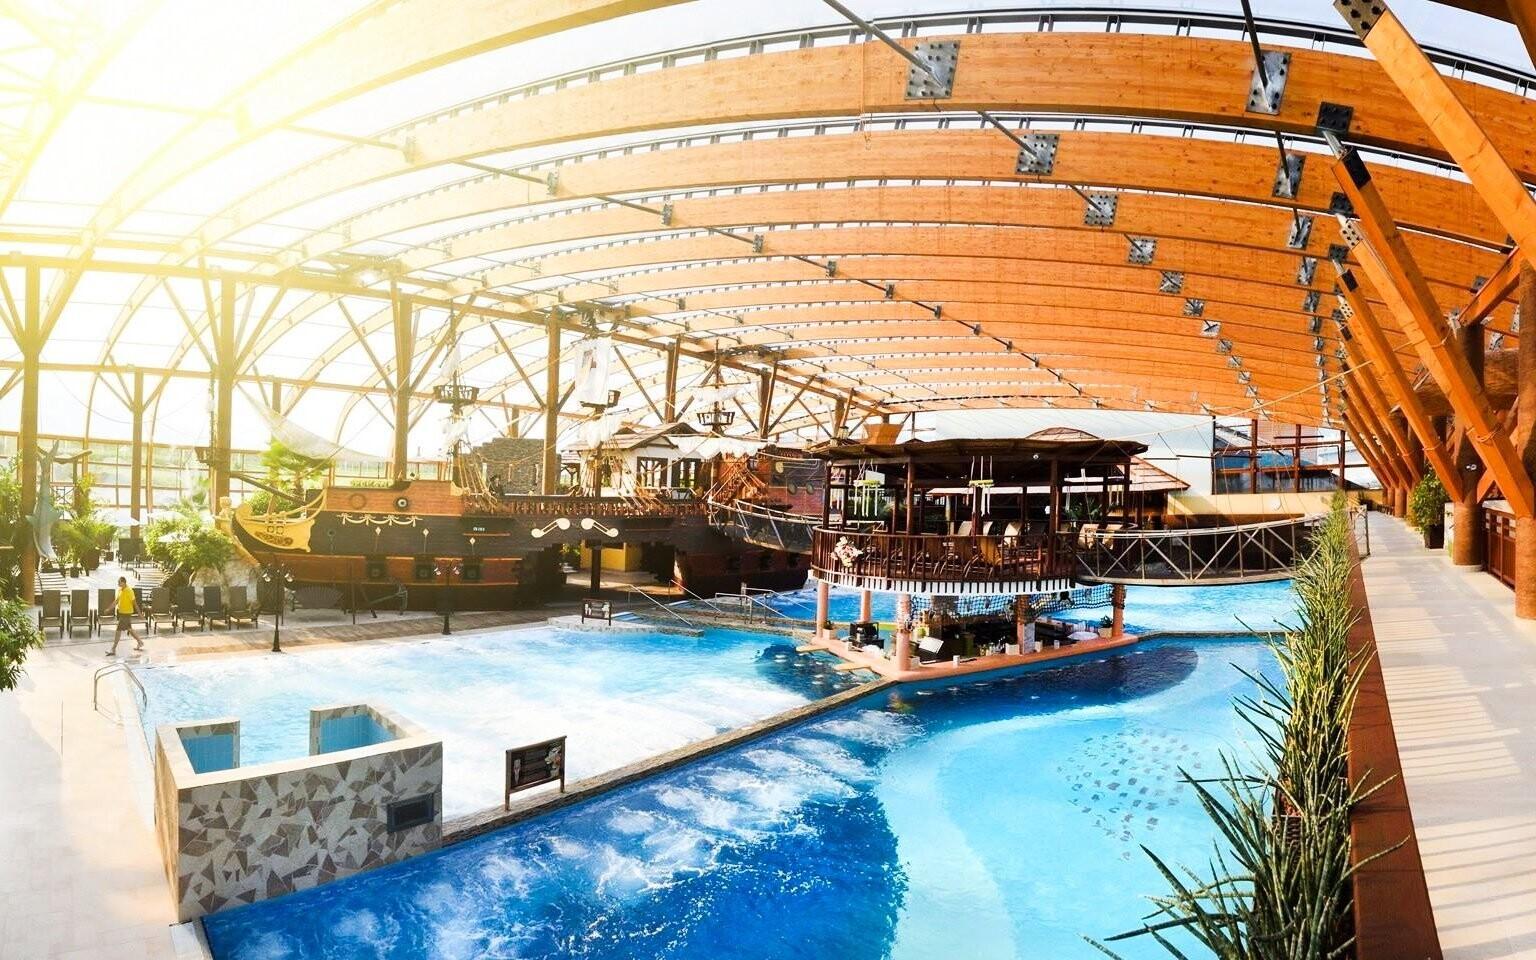 Tatralandia je jedním z nejoblíbenějších aquaparků